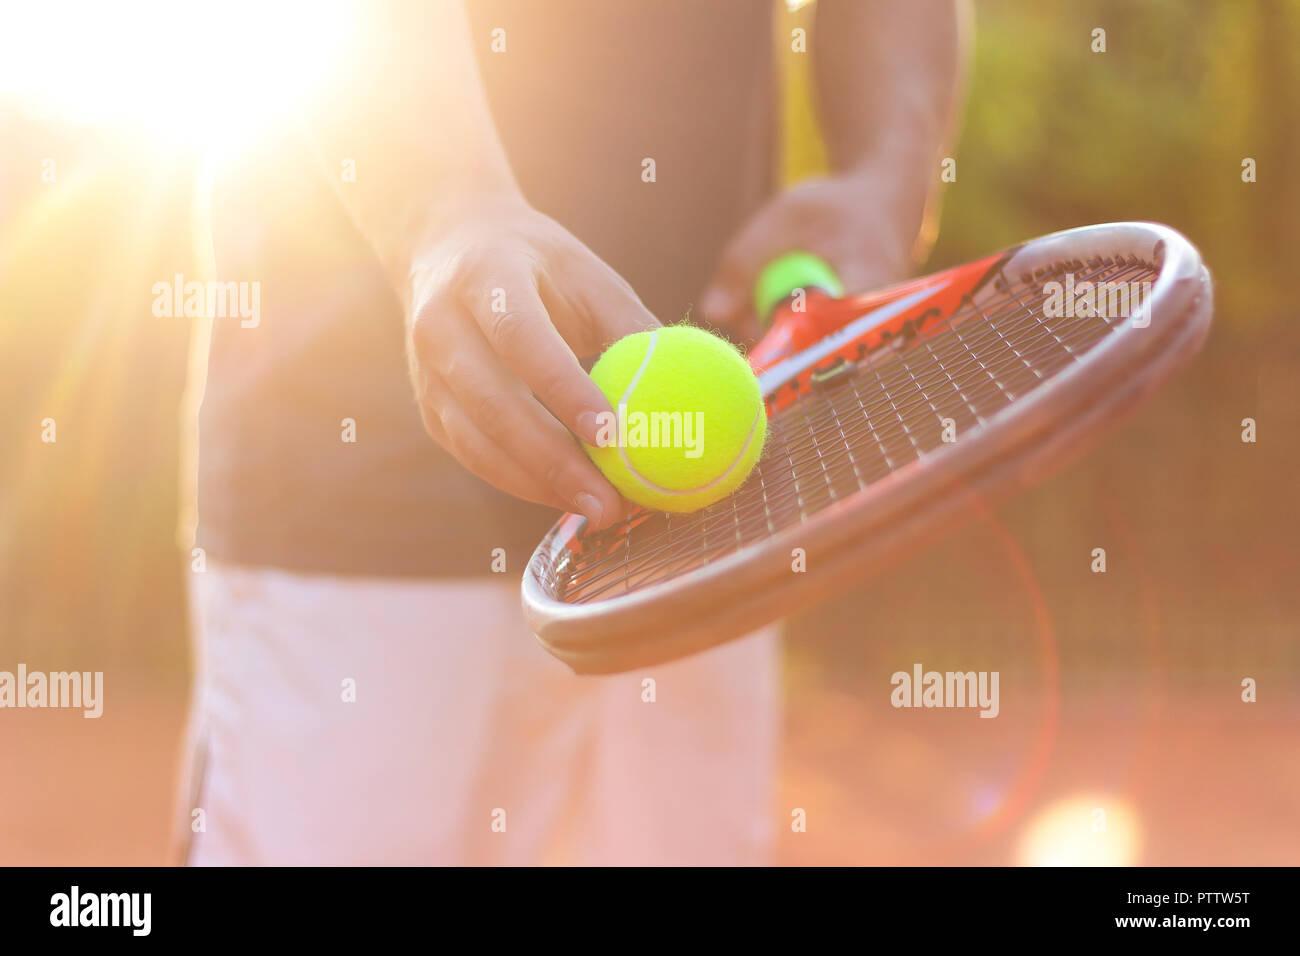 Un jugador de tenis se prepara para servir una pelota de tenis durante un partido con la luz del sol en segundo plano. Foto de stock